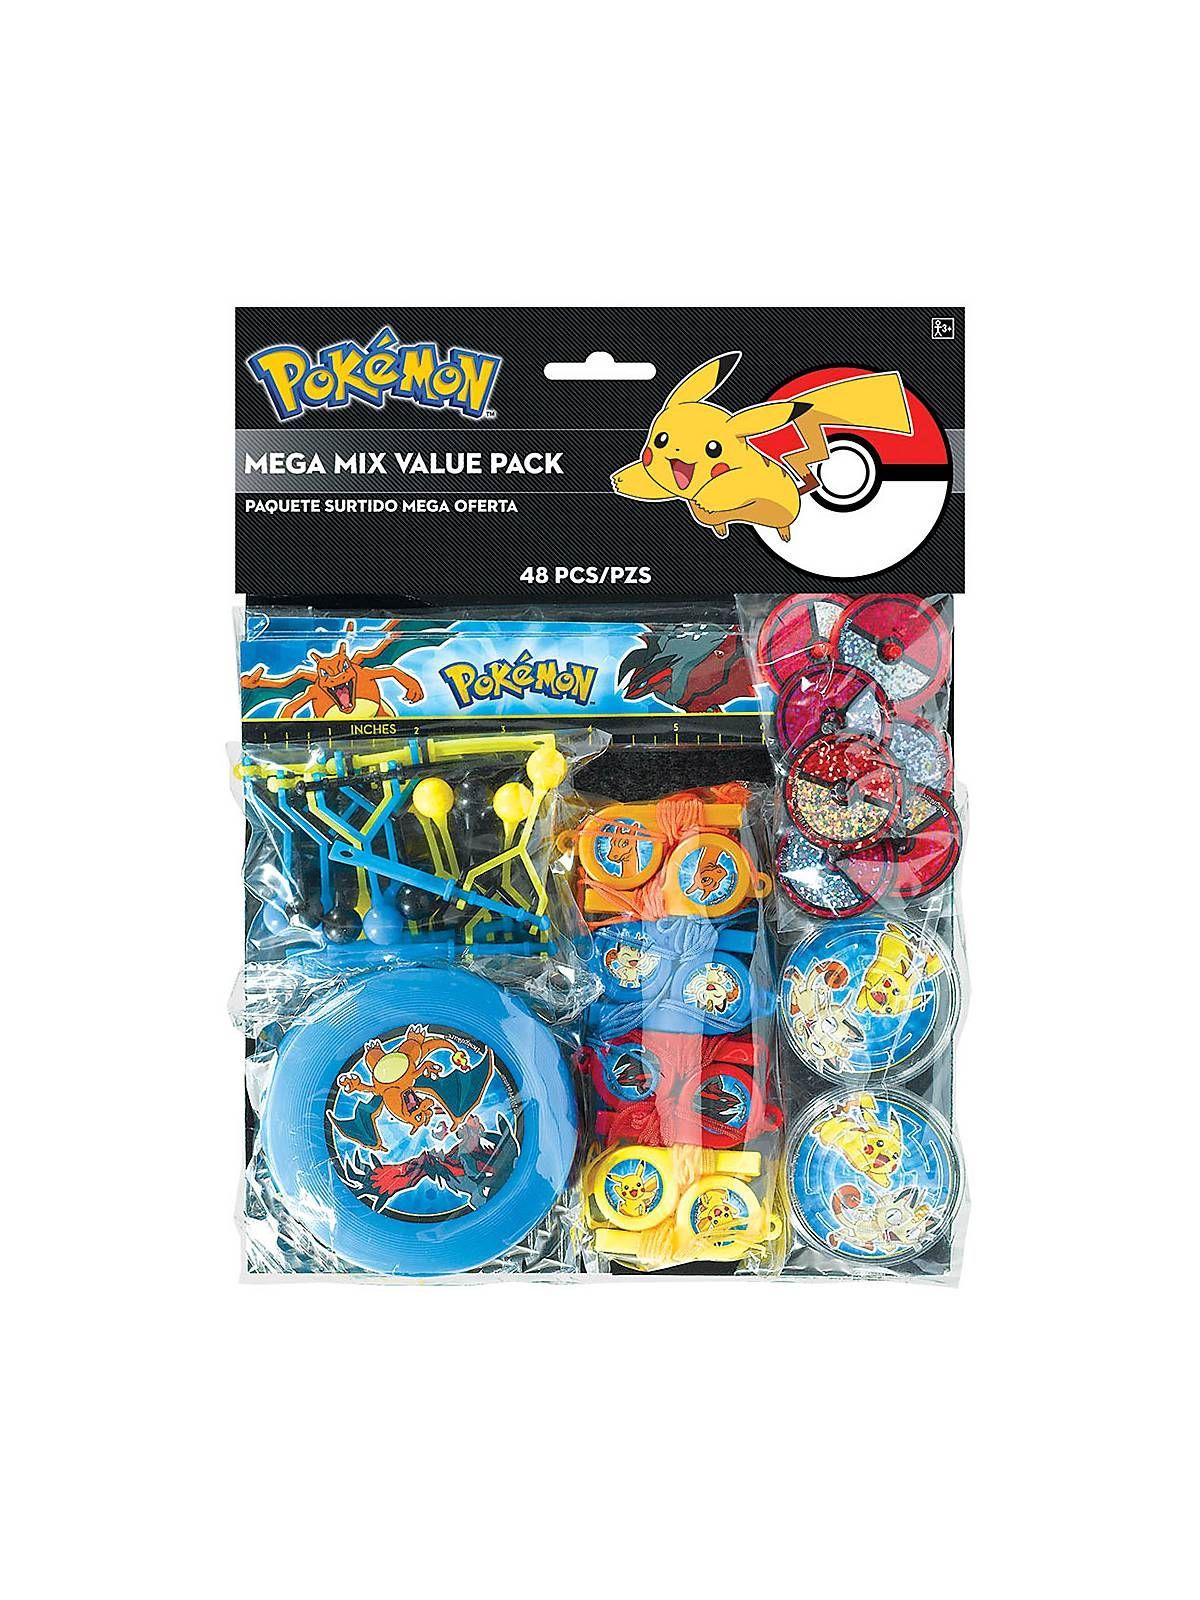 Pokemon Mega Mix Value Pack Favors - Party Favor Sets & Party Supplies